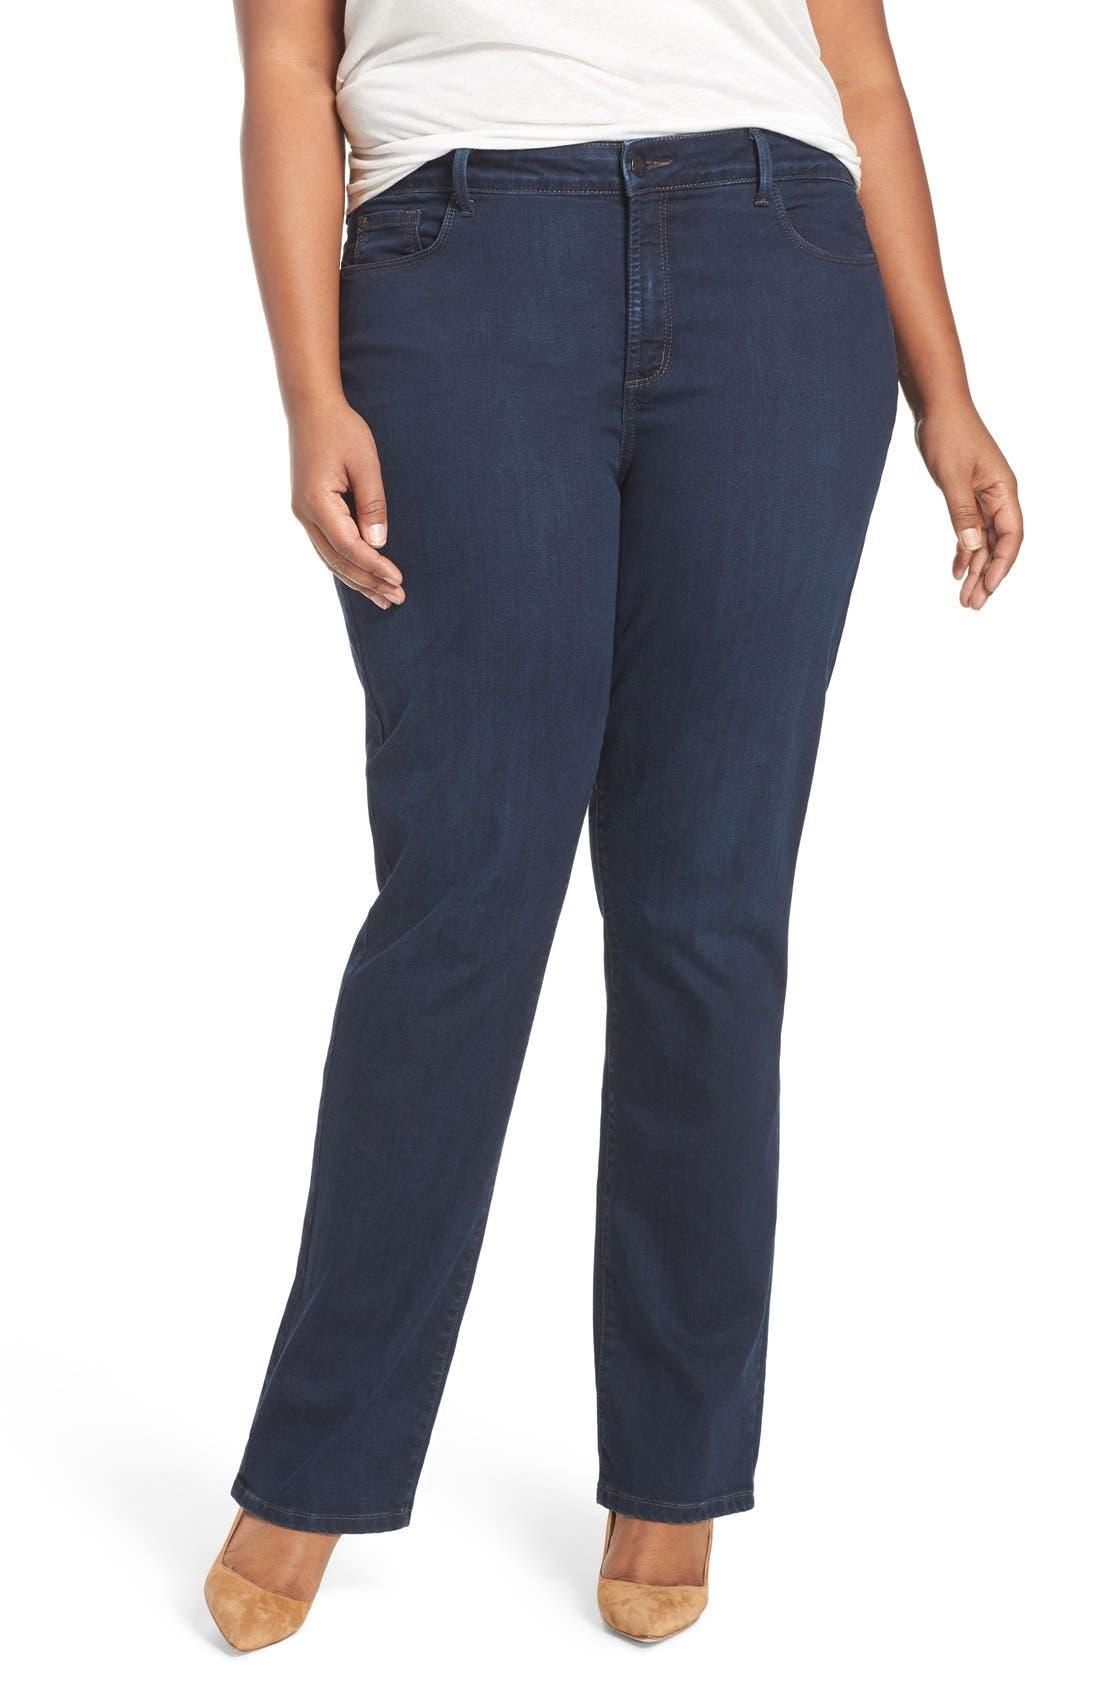 NYDJ 'Marilyn' Stretch Straight Leg Jeans